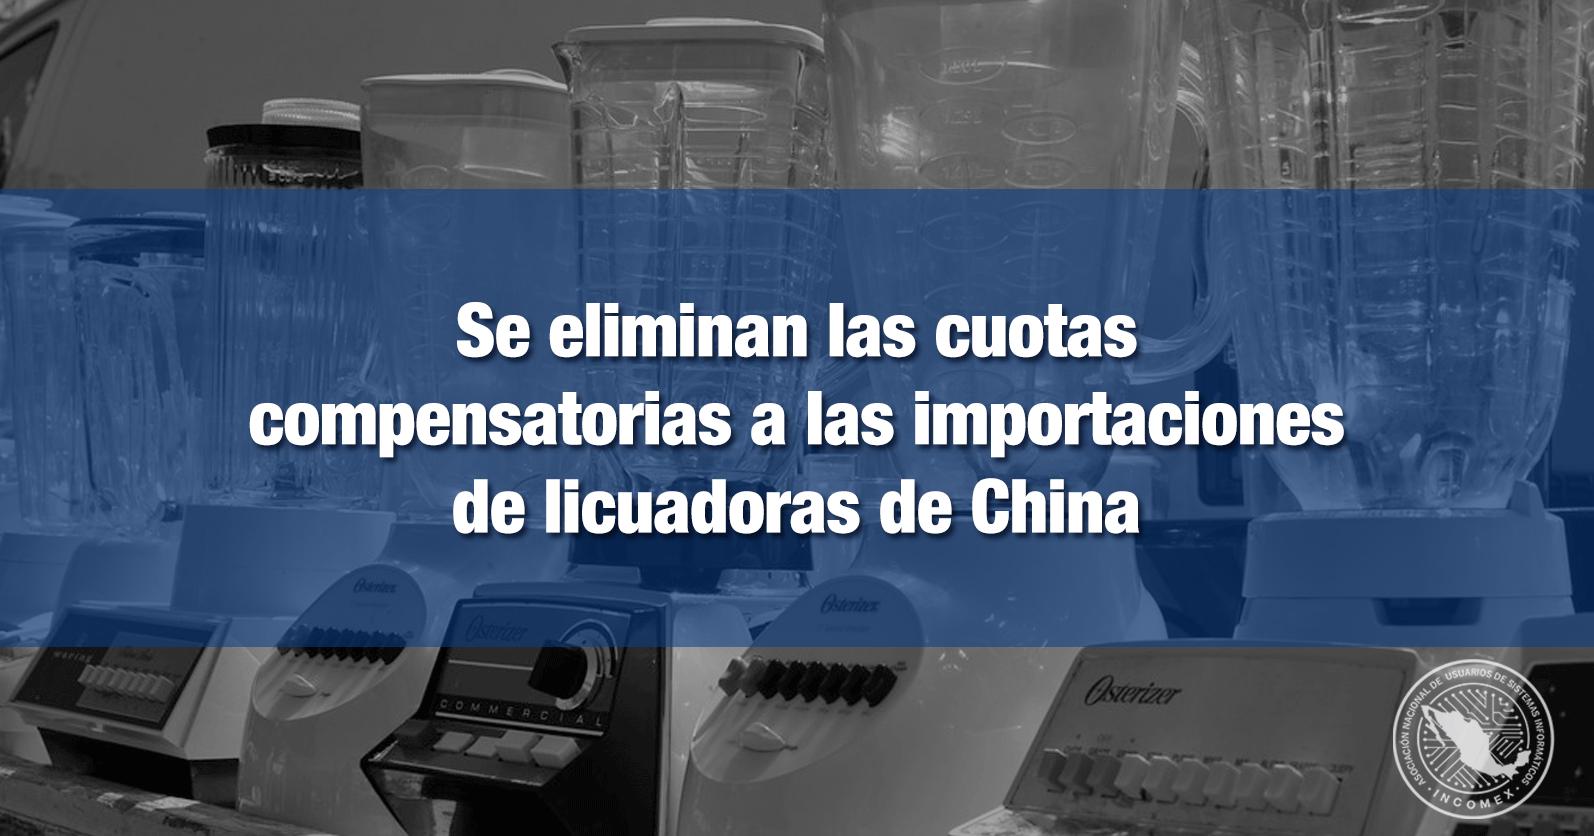 Se eliminan las cuotas compensatorias a las importaciones de licuadoras de China